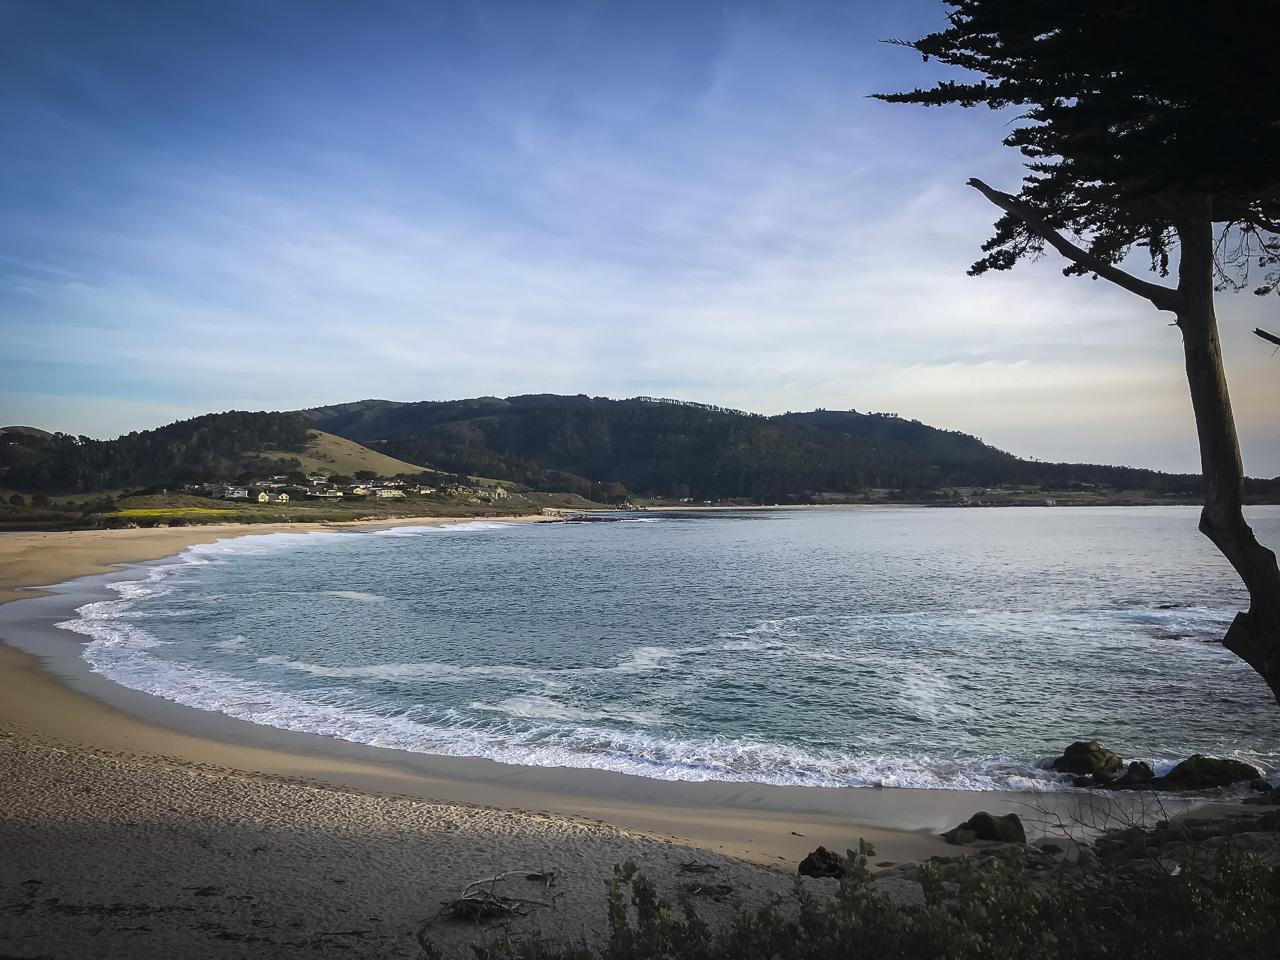 The beautiful Carmel Bay at Carmel by the Sea